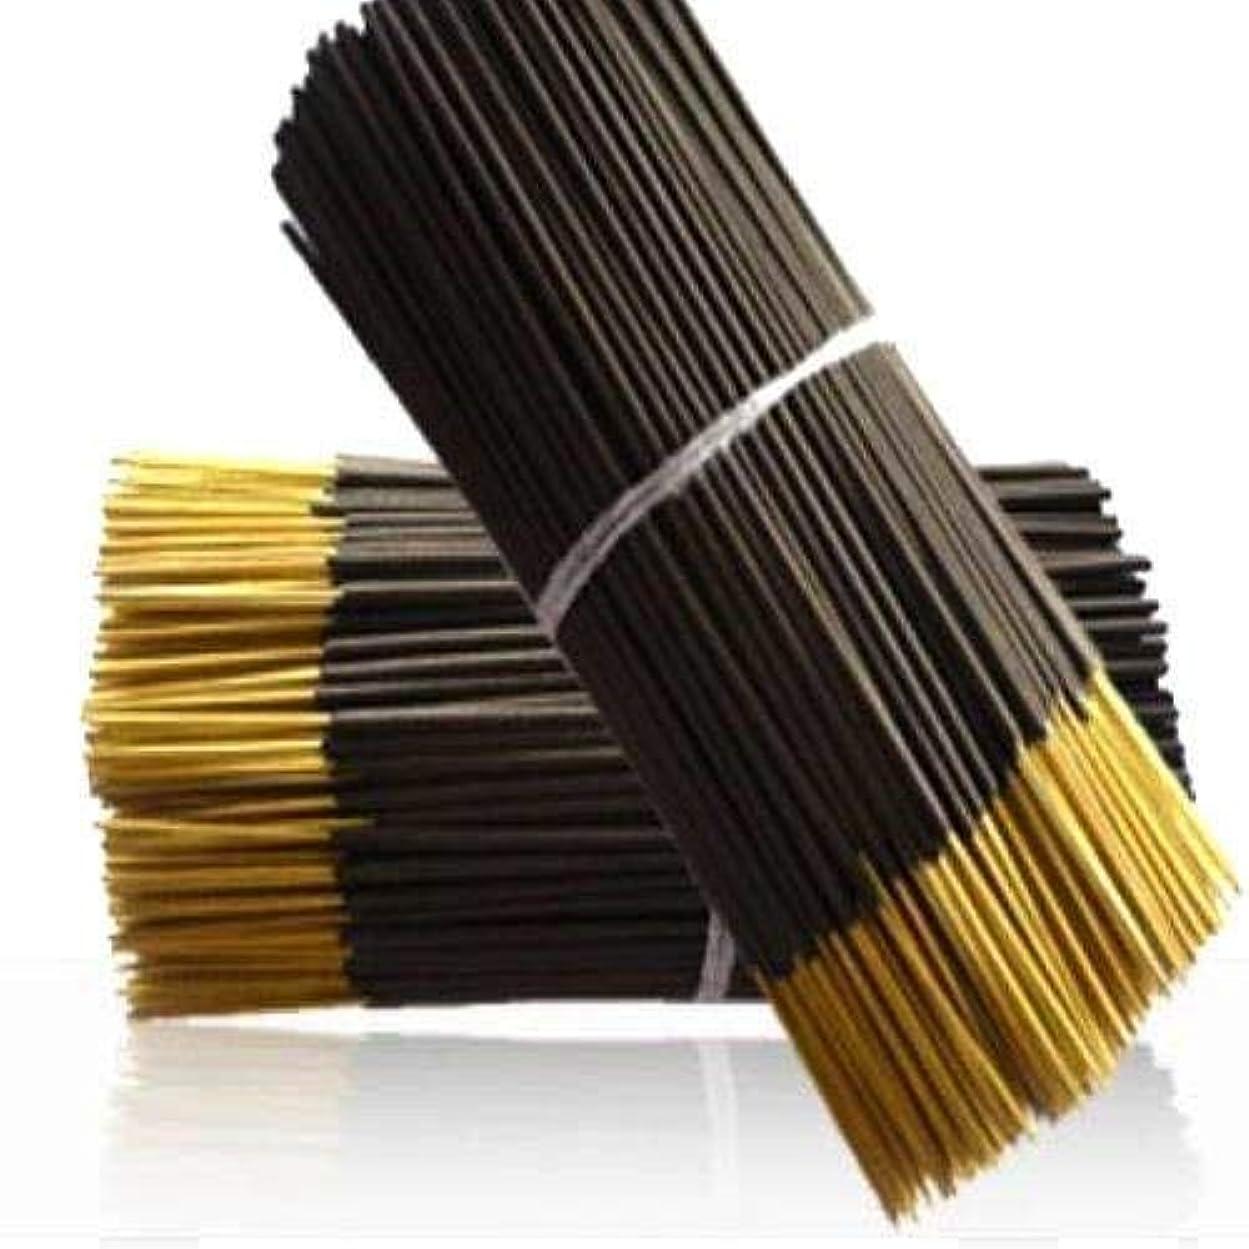 推定する窒息させる怖がらせるLakshmi Natural Products Raw Agarbatti Sticks 9